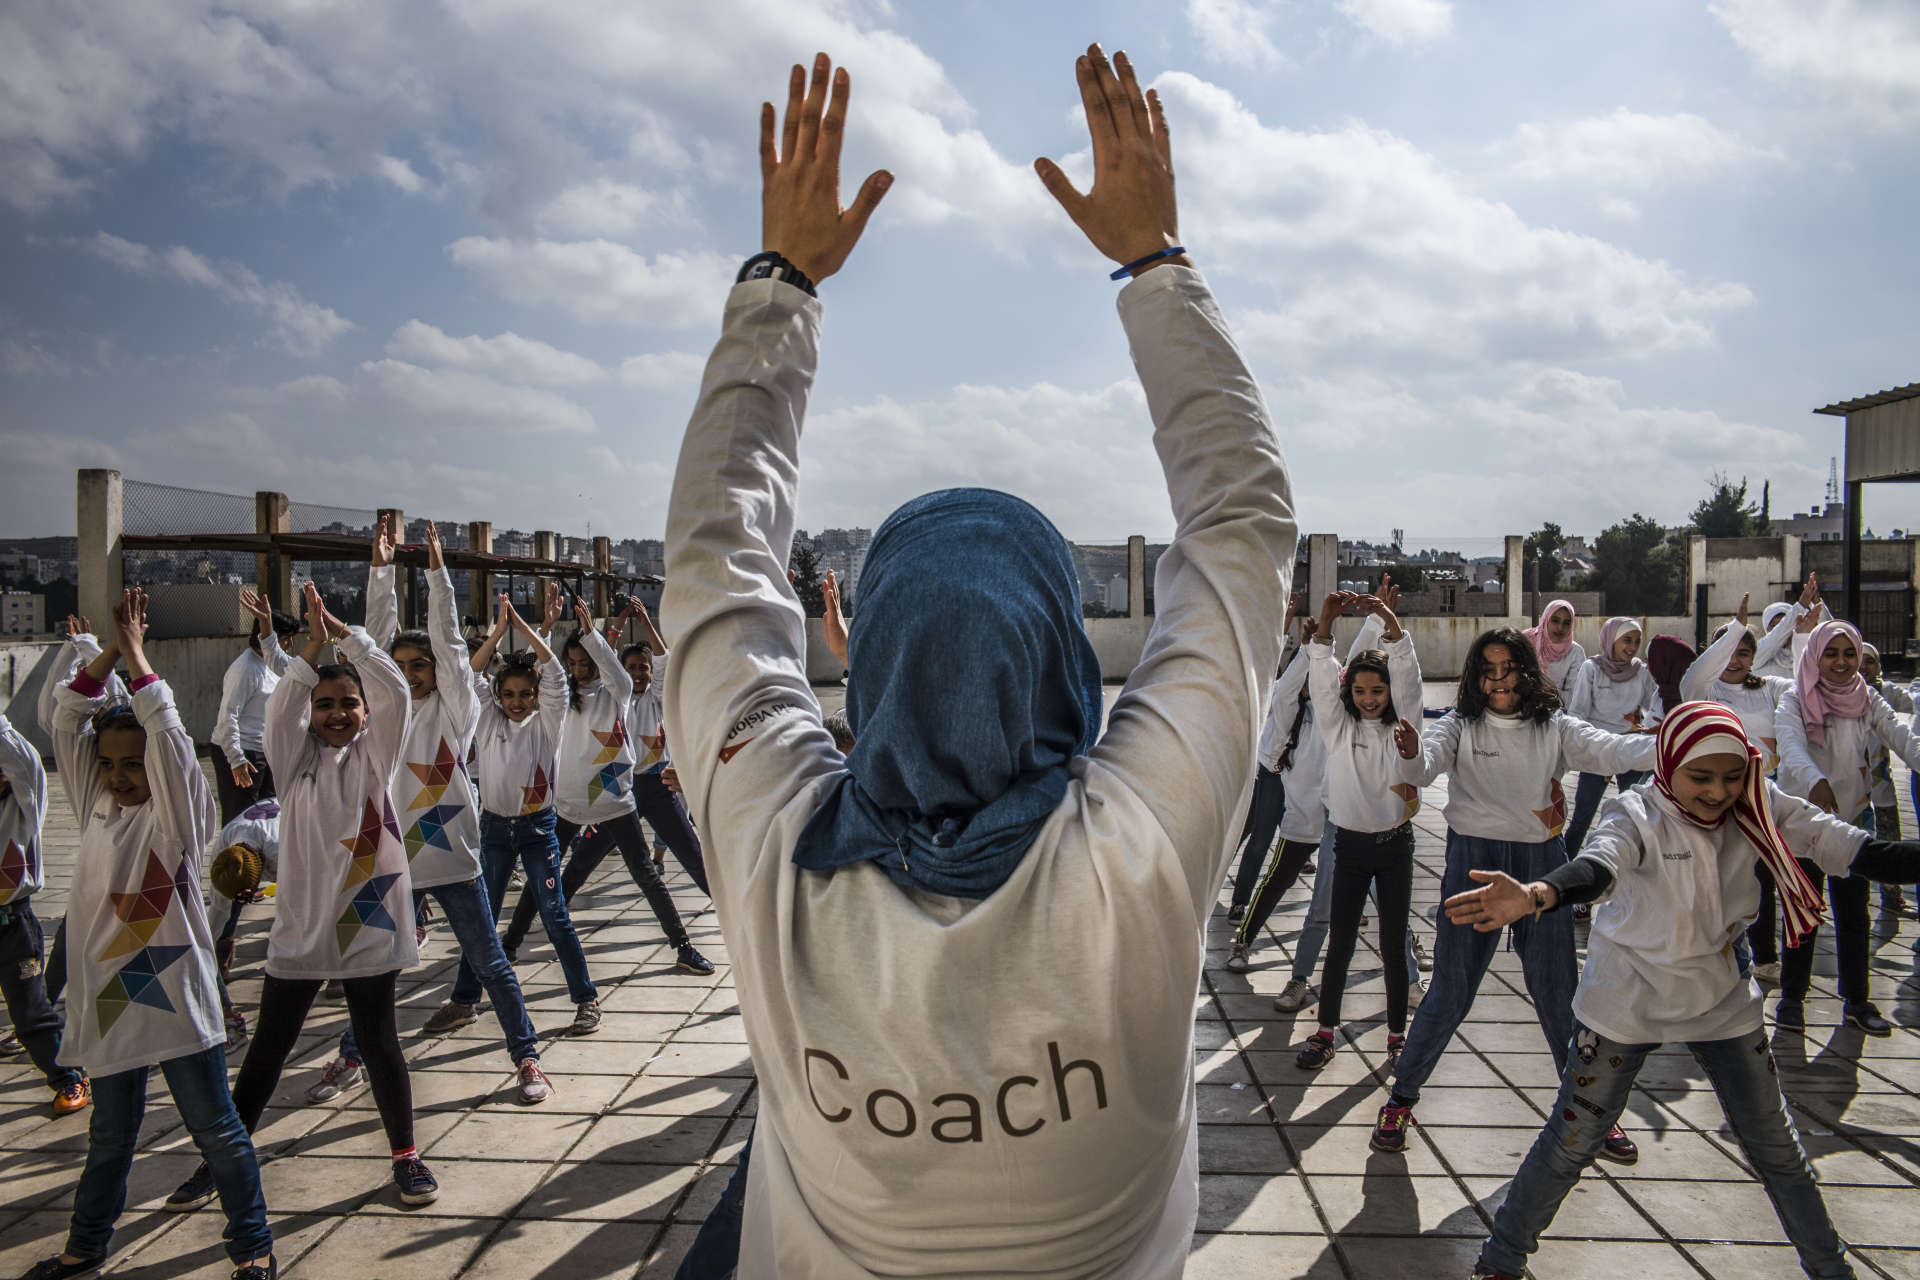 Avec l'association, Haneen Al-Khateeb parcourt le pays, ballons sous le bras. Ce 17 novembre, à Amman, les ateliers qu'elle donne avec plusieurs autres coaches ont attiré une cinquantaine de filles de l'école Oum Baia. Alors que le sport est une matière négligée pour les filles en milieu scolaire, Madrasati s'attache à leur donner l'opportunité de s'essayer au football, au basket, au handball.